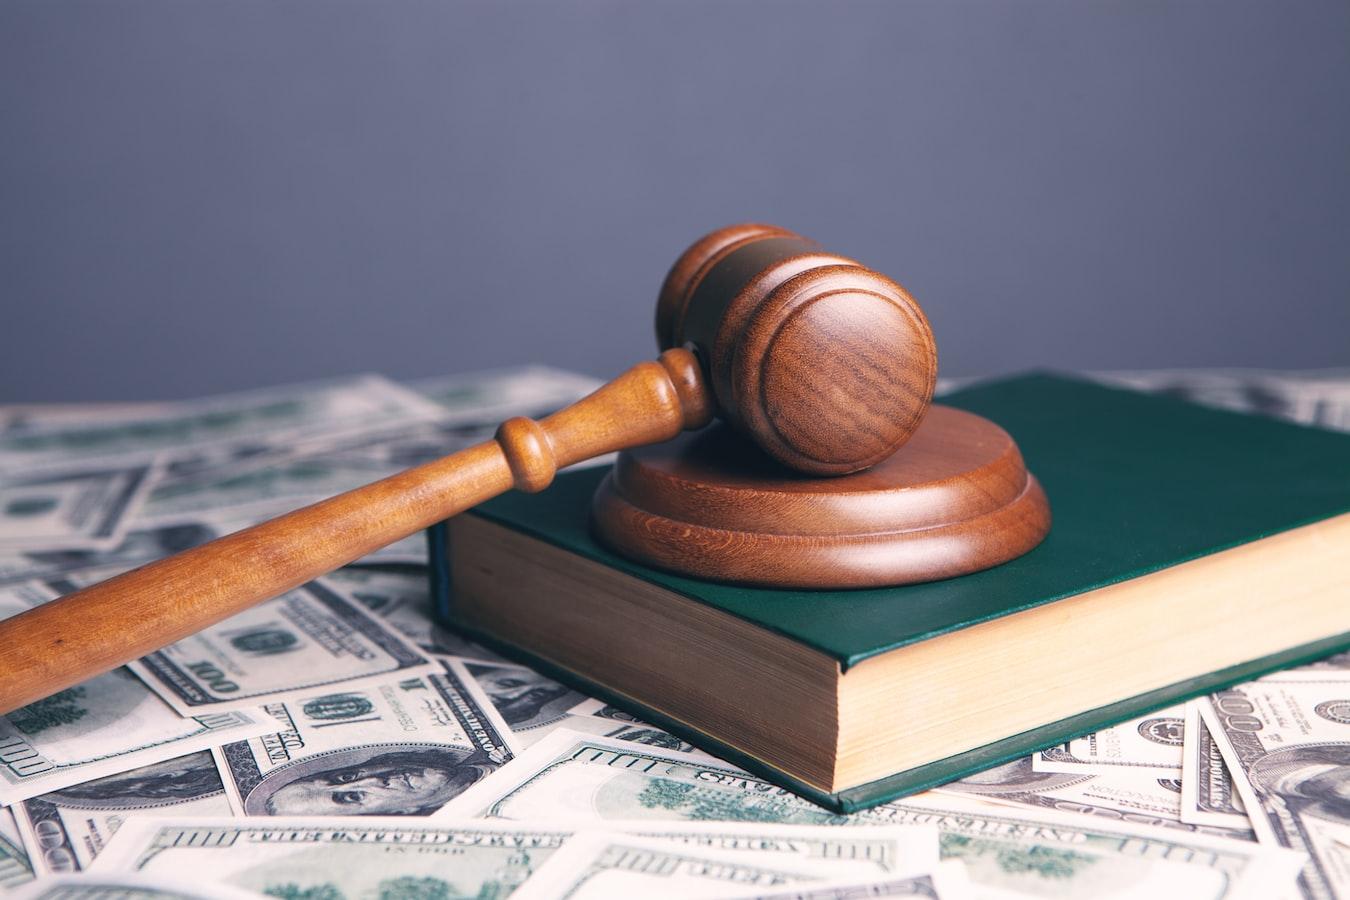 ABD'deki yasa tasarısı, Apple ve Google'ın uygulama mağazalarını tahtından edecek!